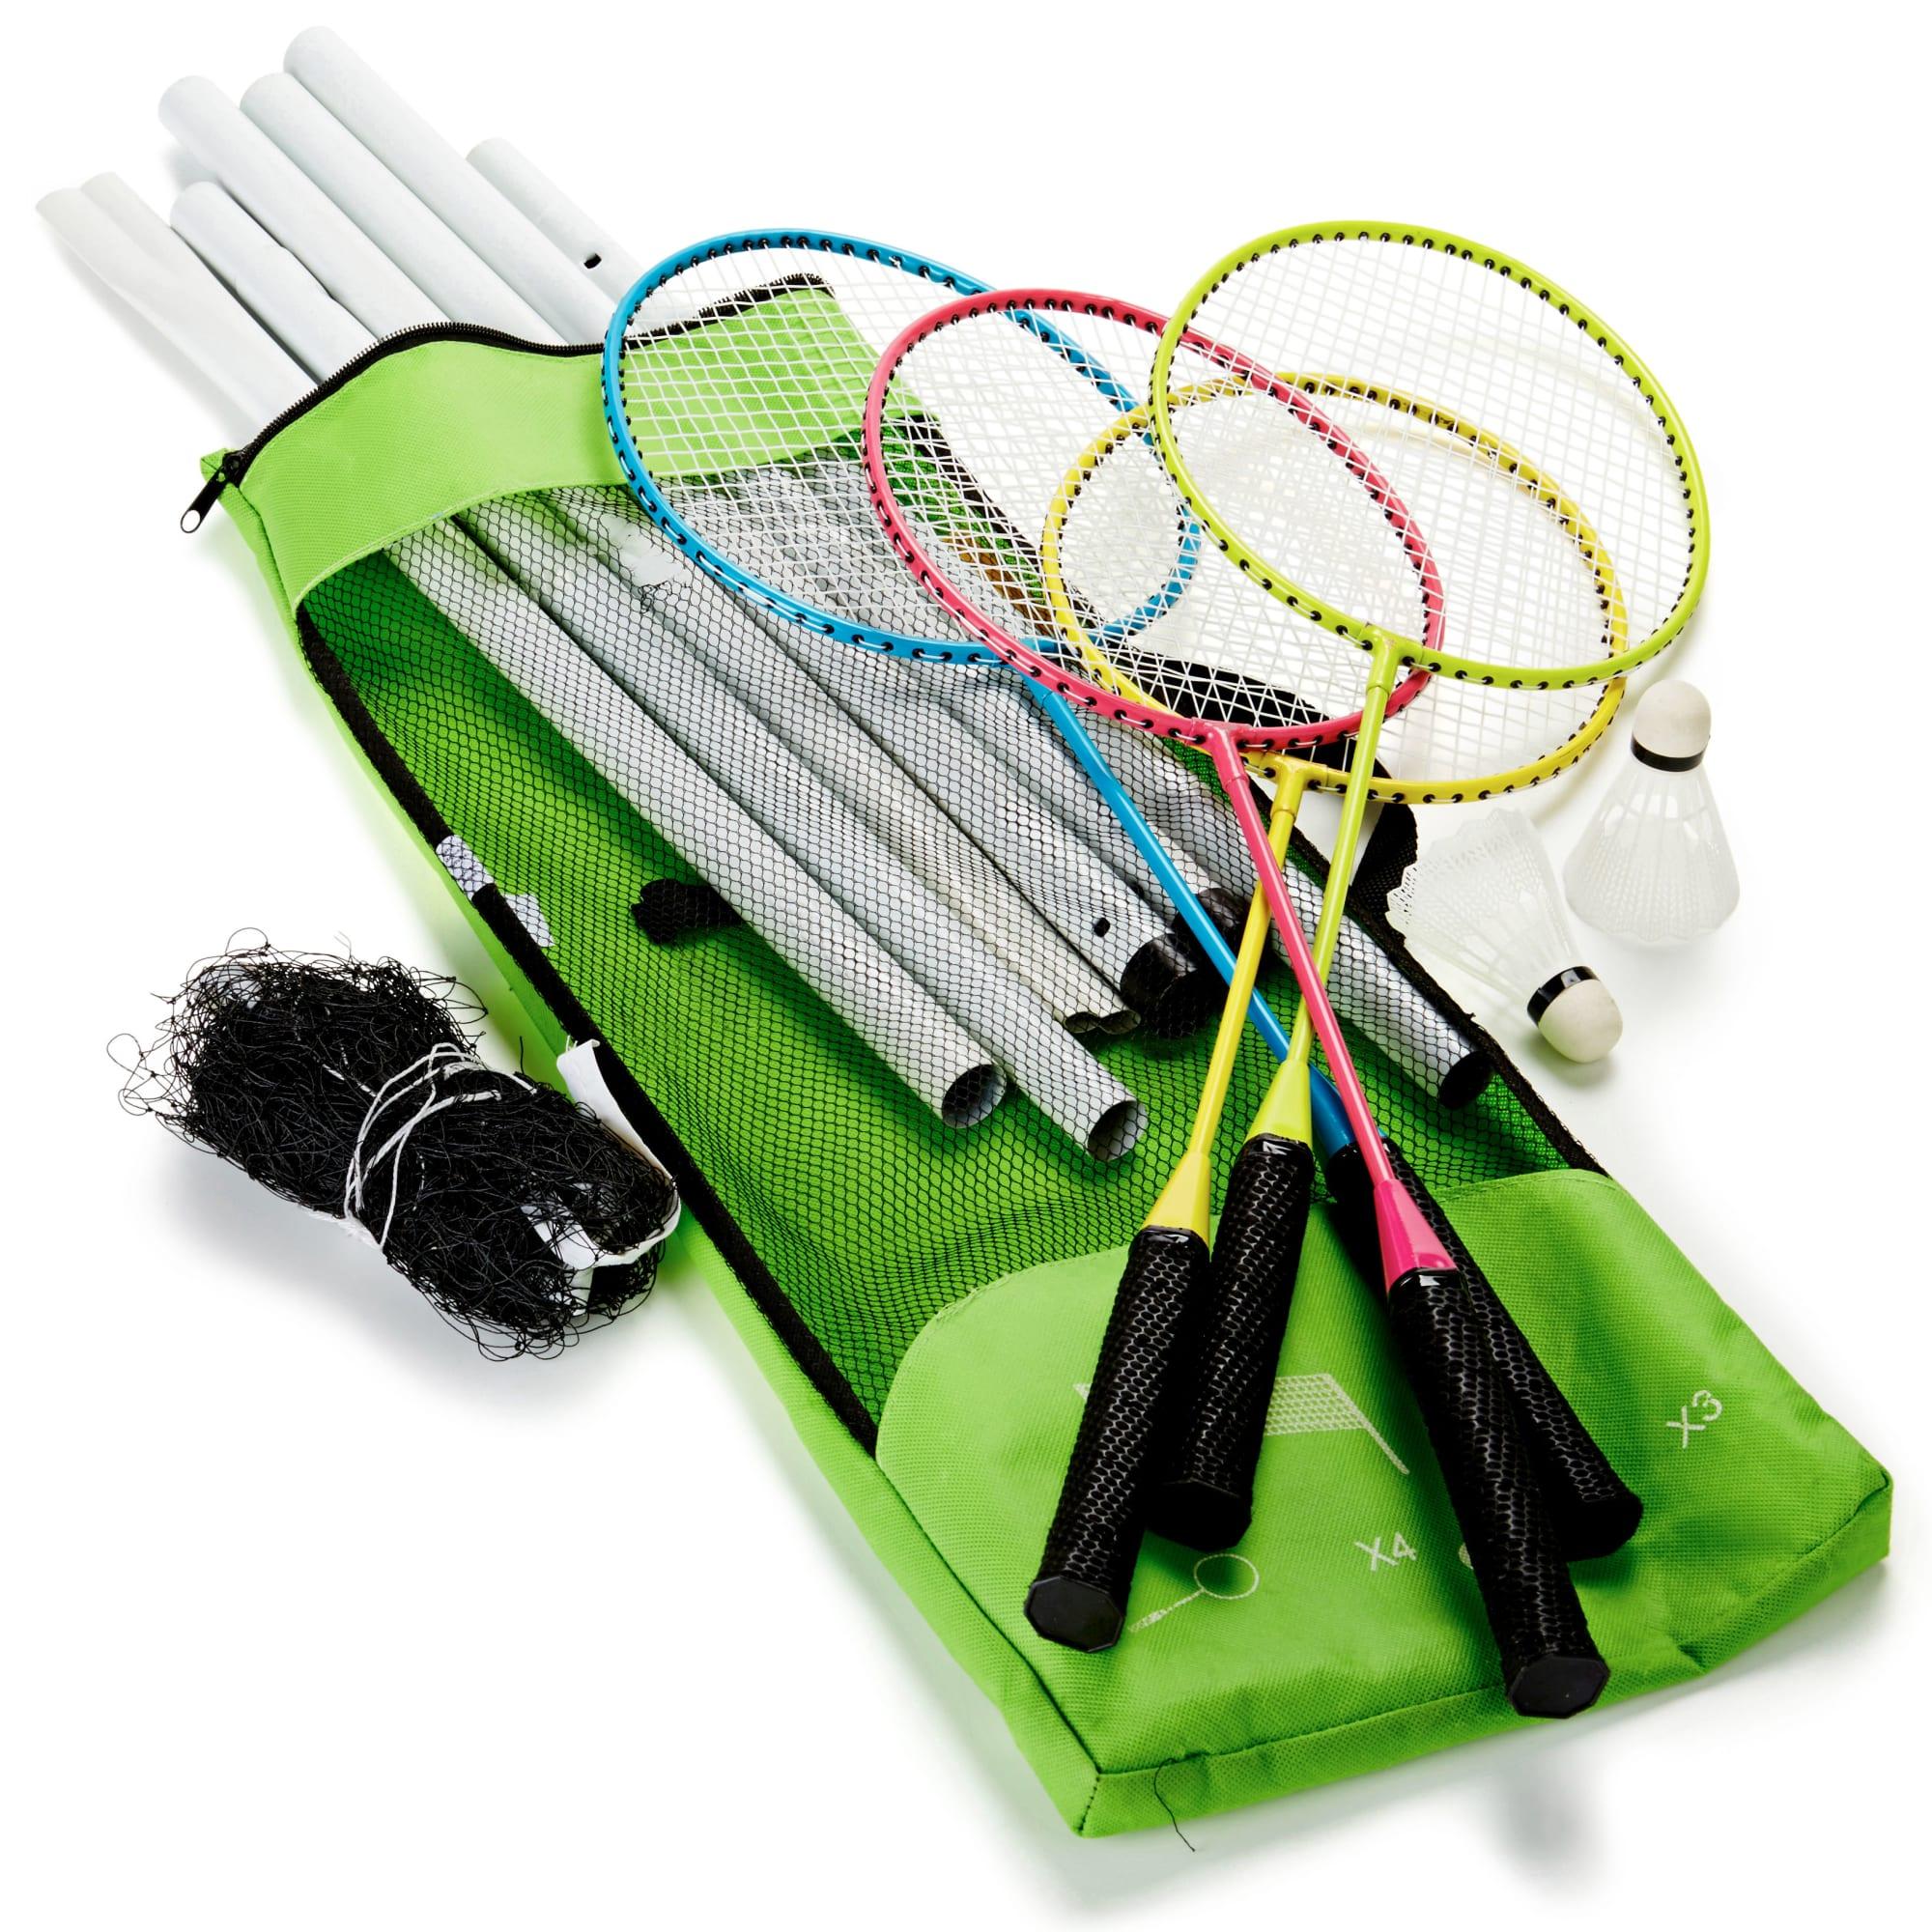 Med ketsjere, bolde, net og opbevaringstaske